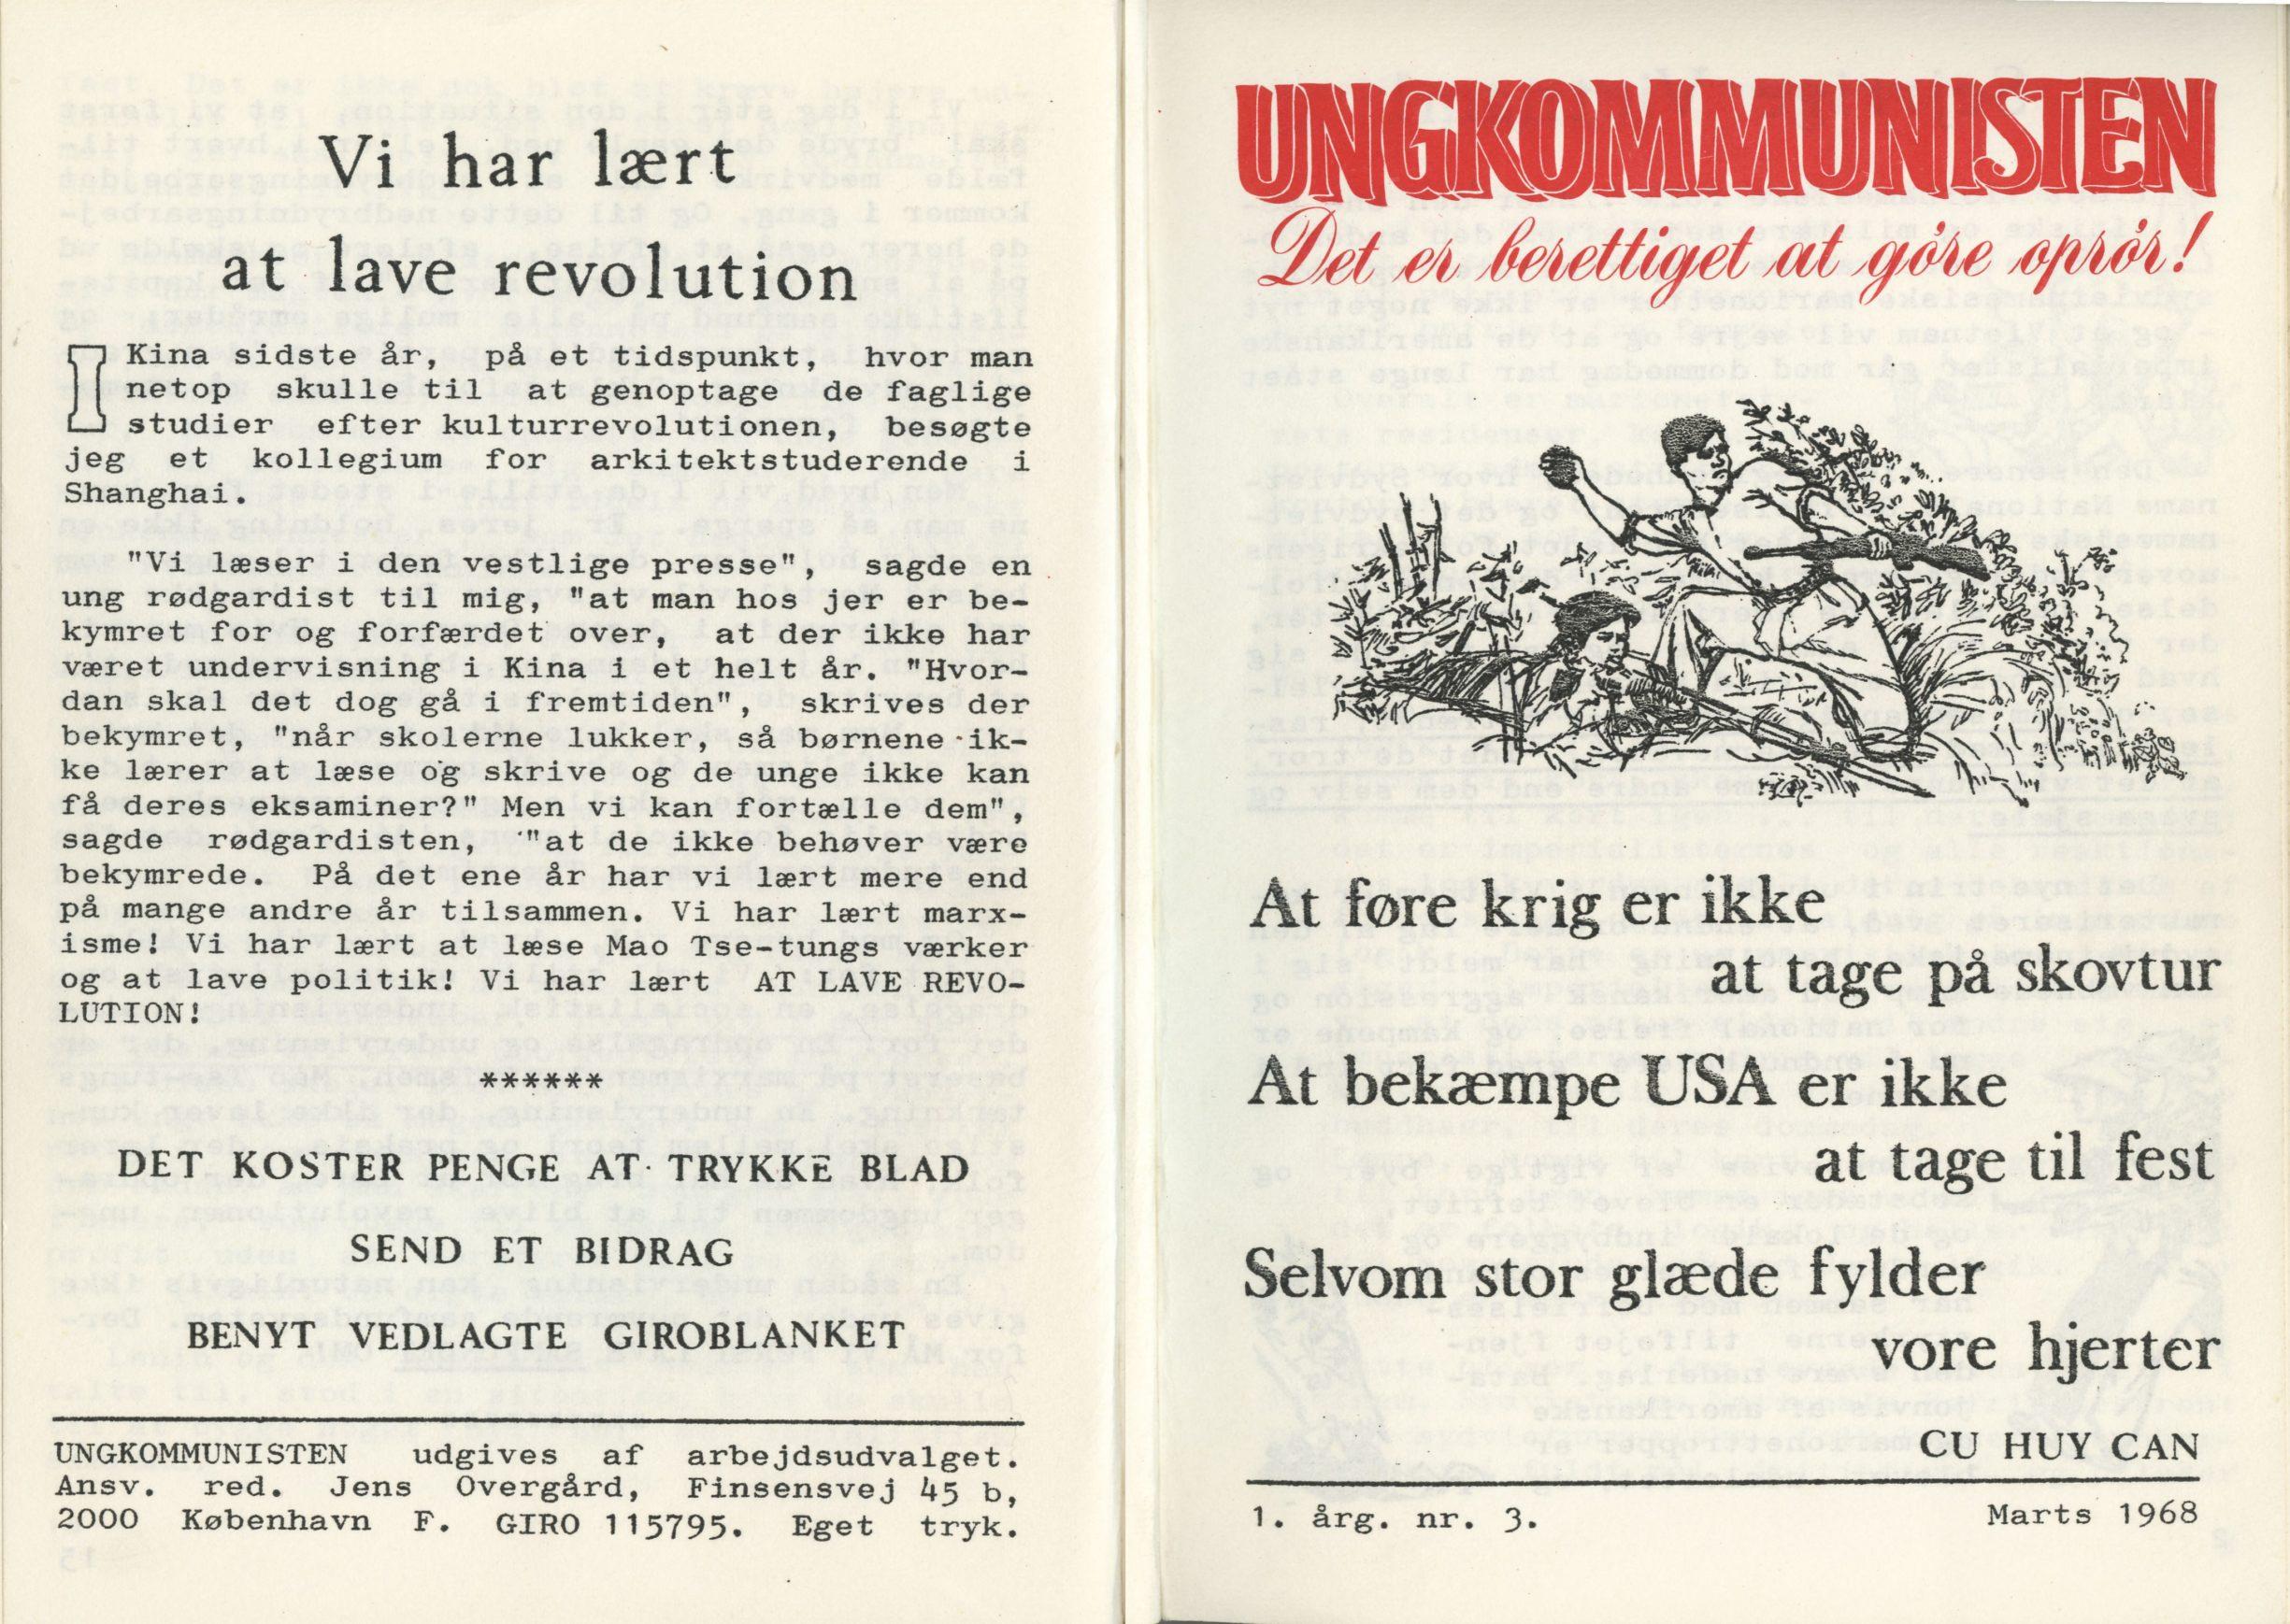 Ungkommunisten 1968, nr. 3, for- og bagside